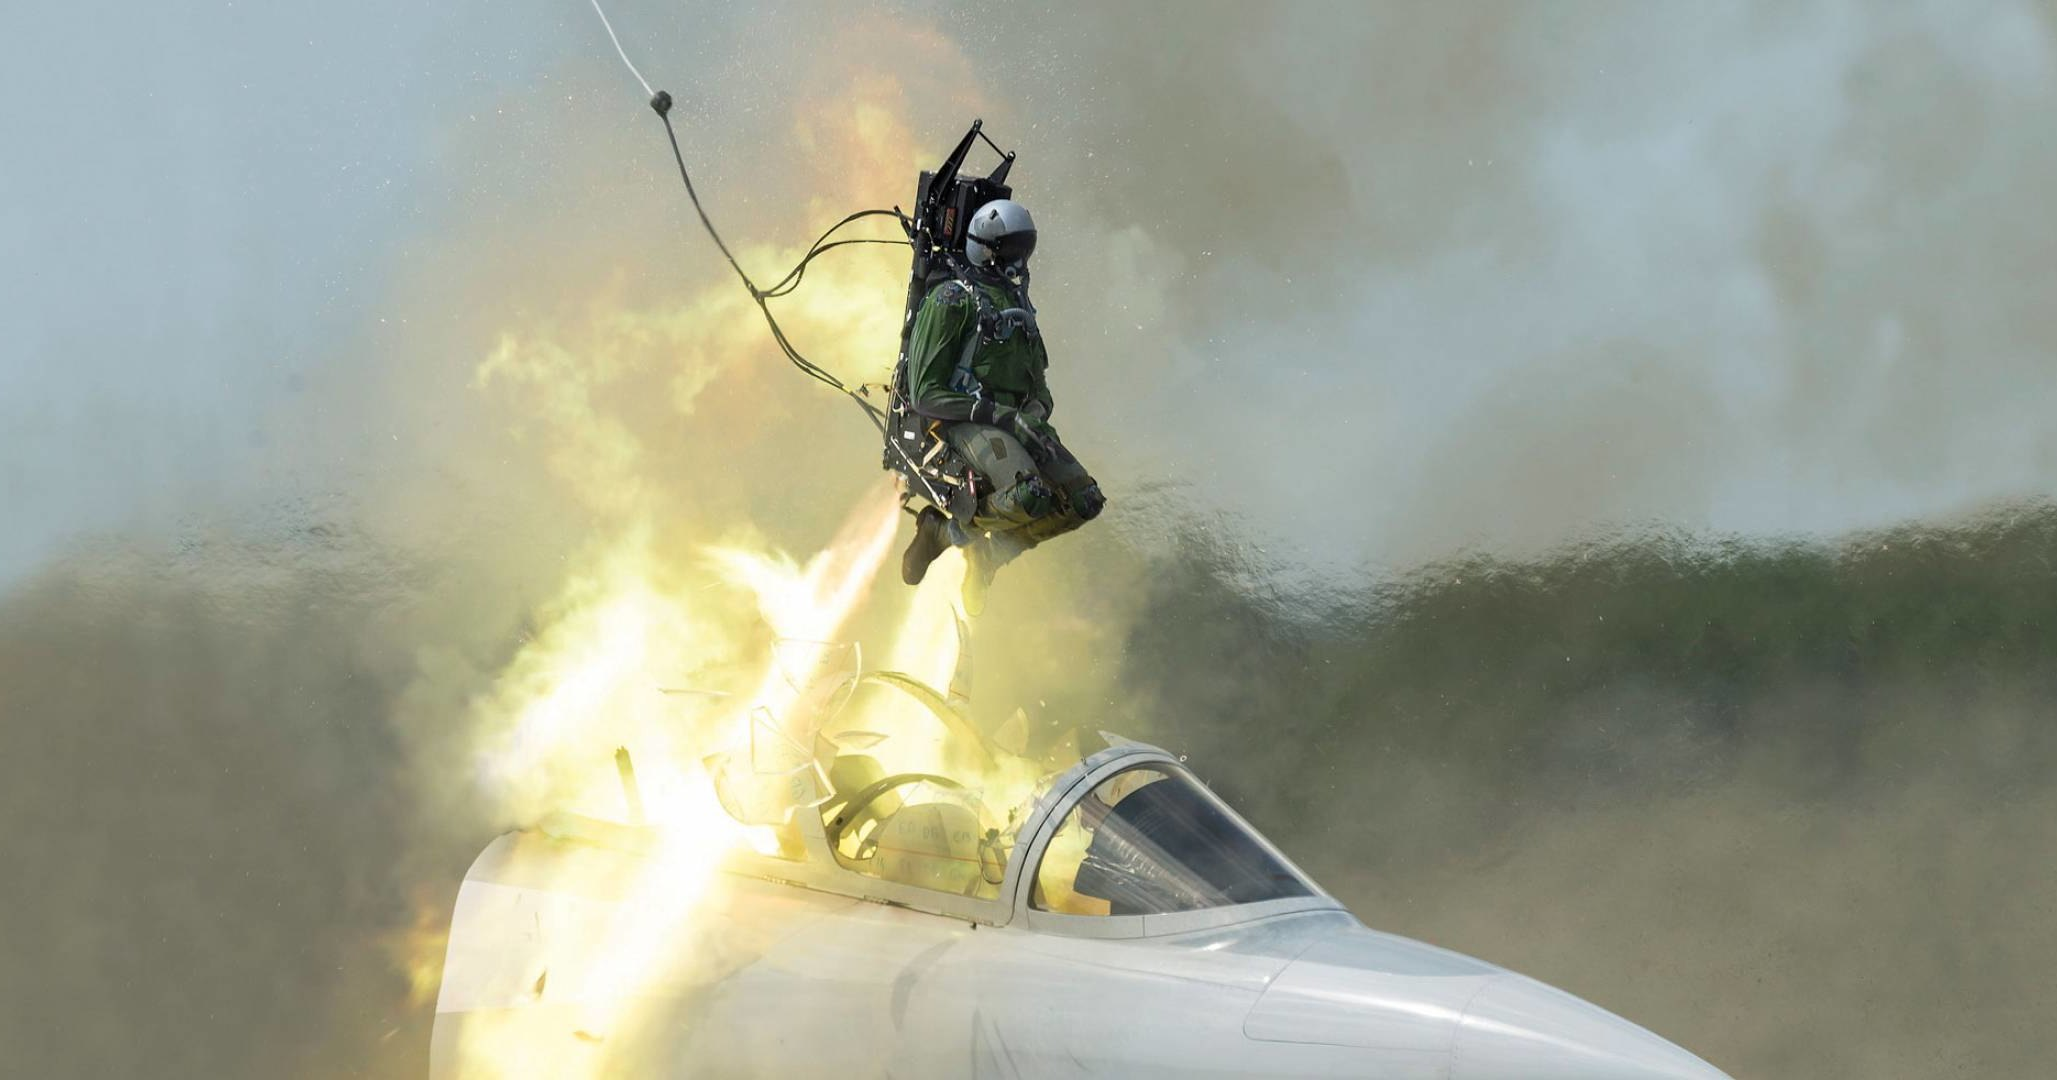 Пилот F-16 катапультировался за секунду до падения: видео